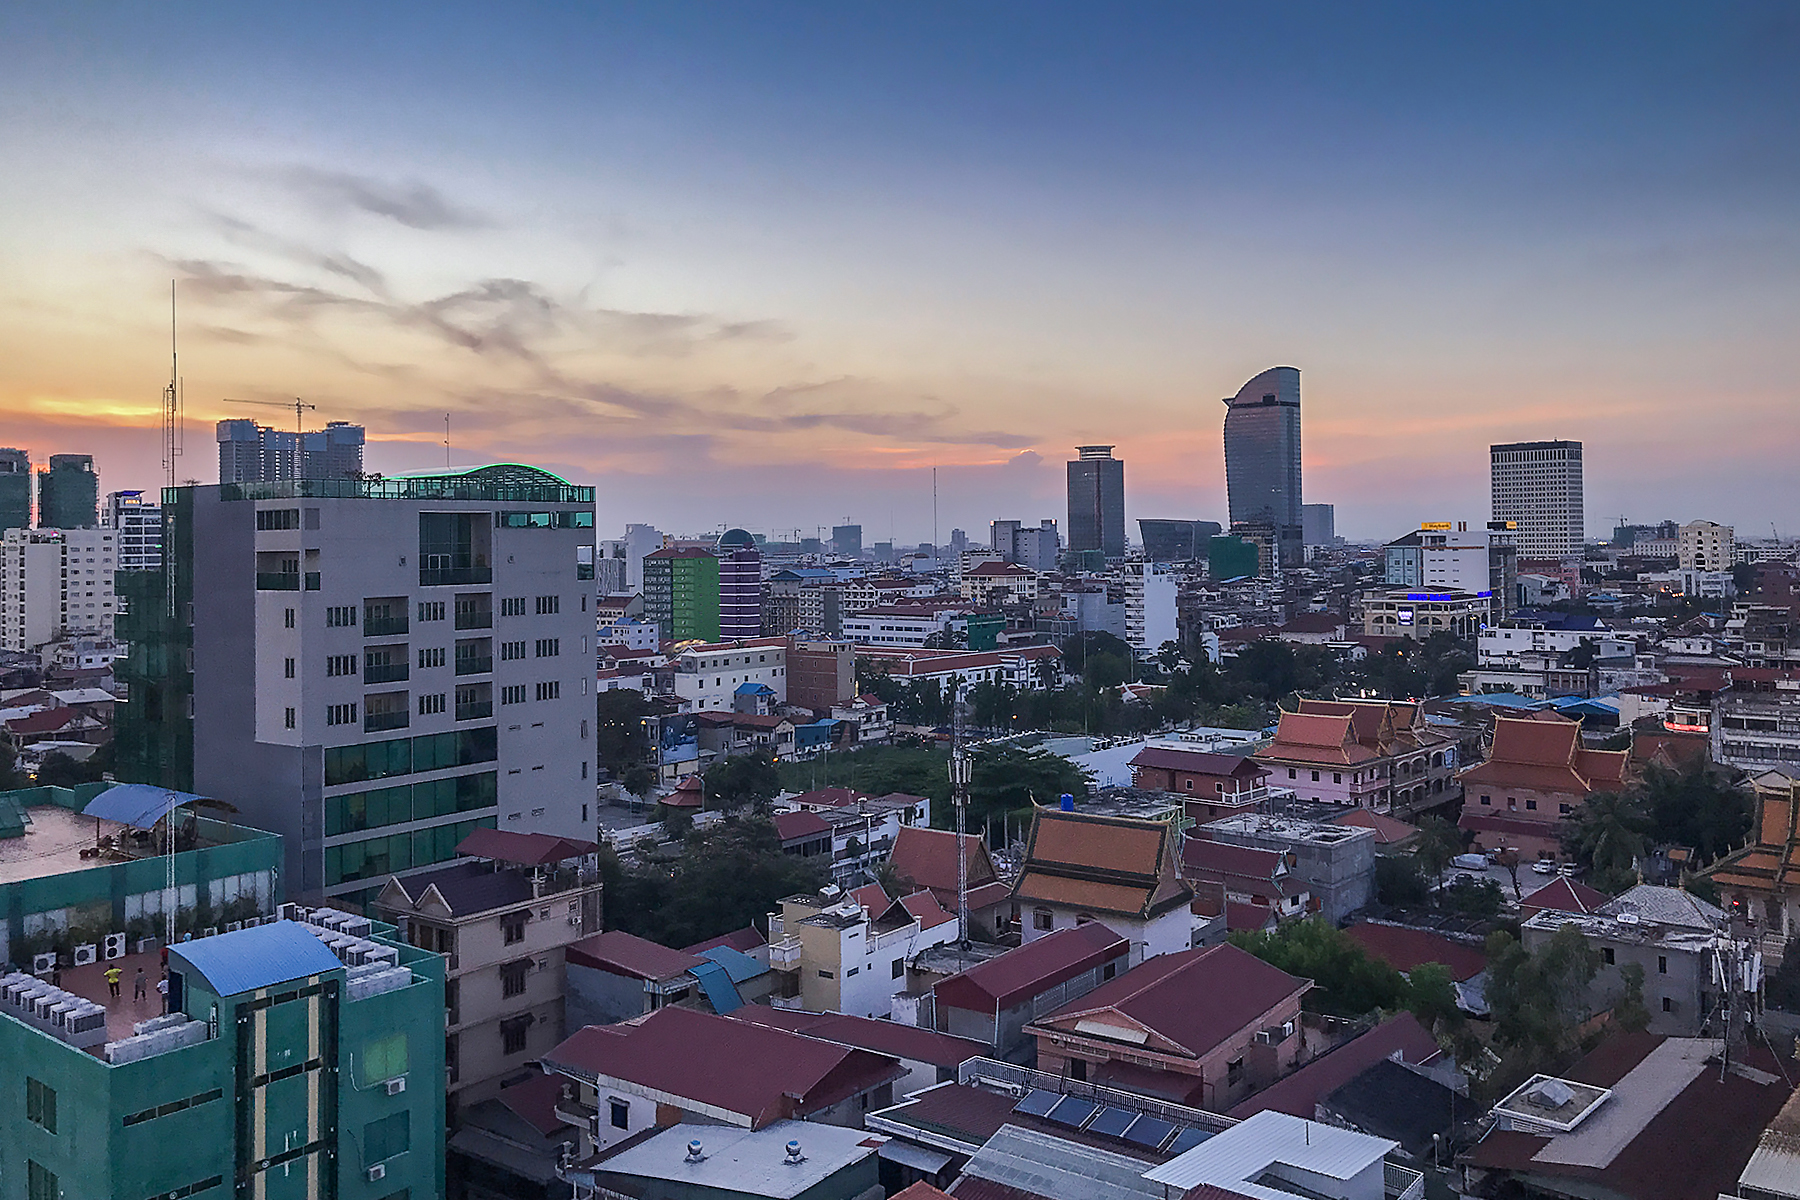 phnompenh-1.jpg